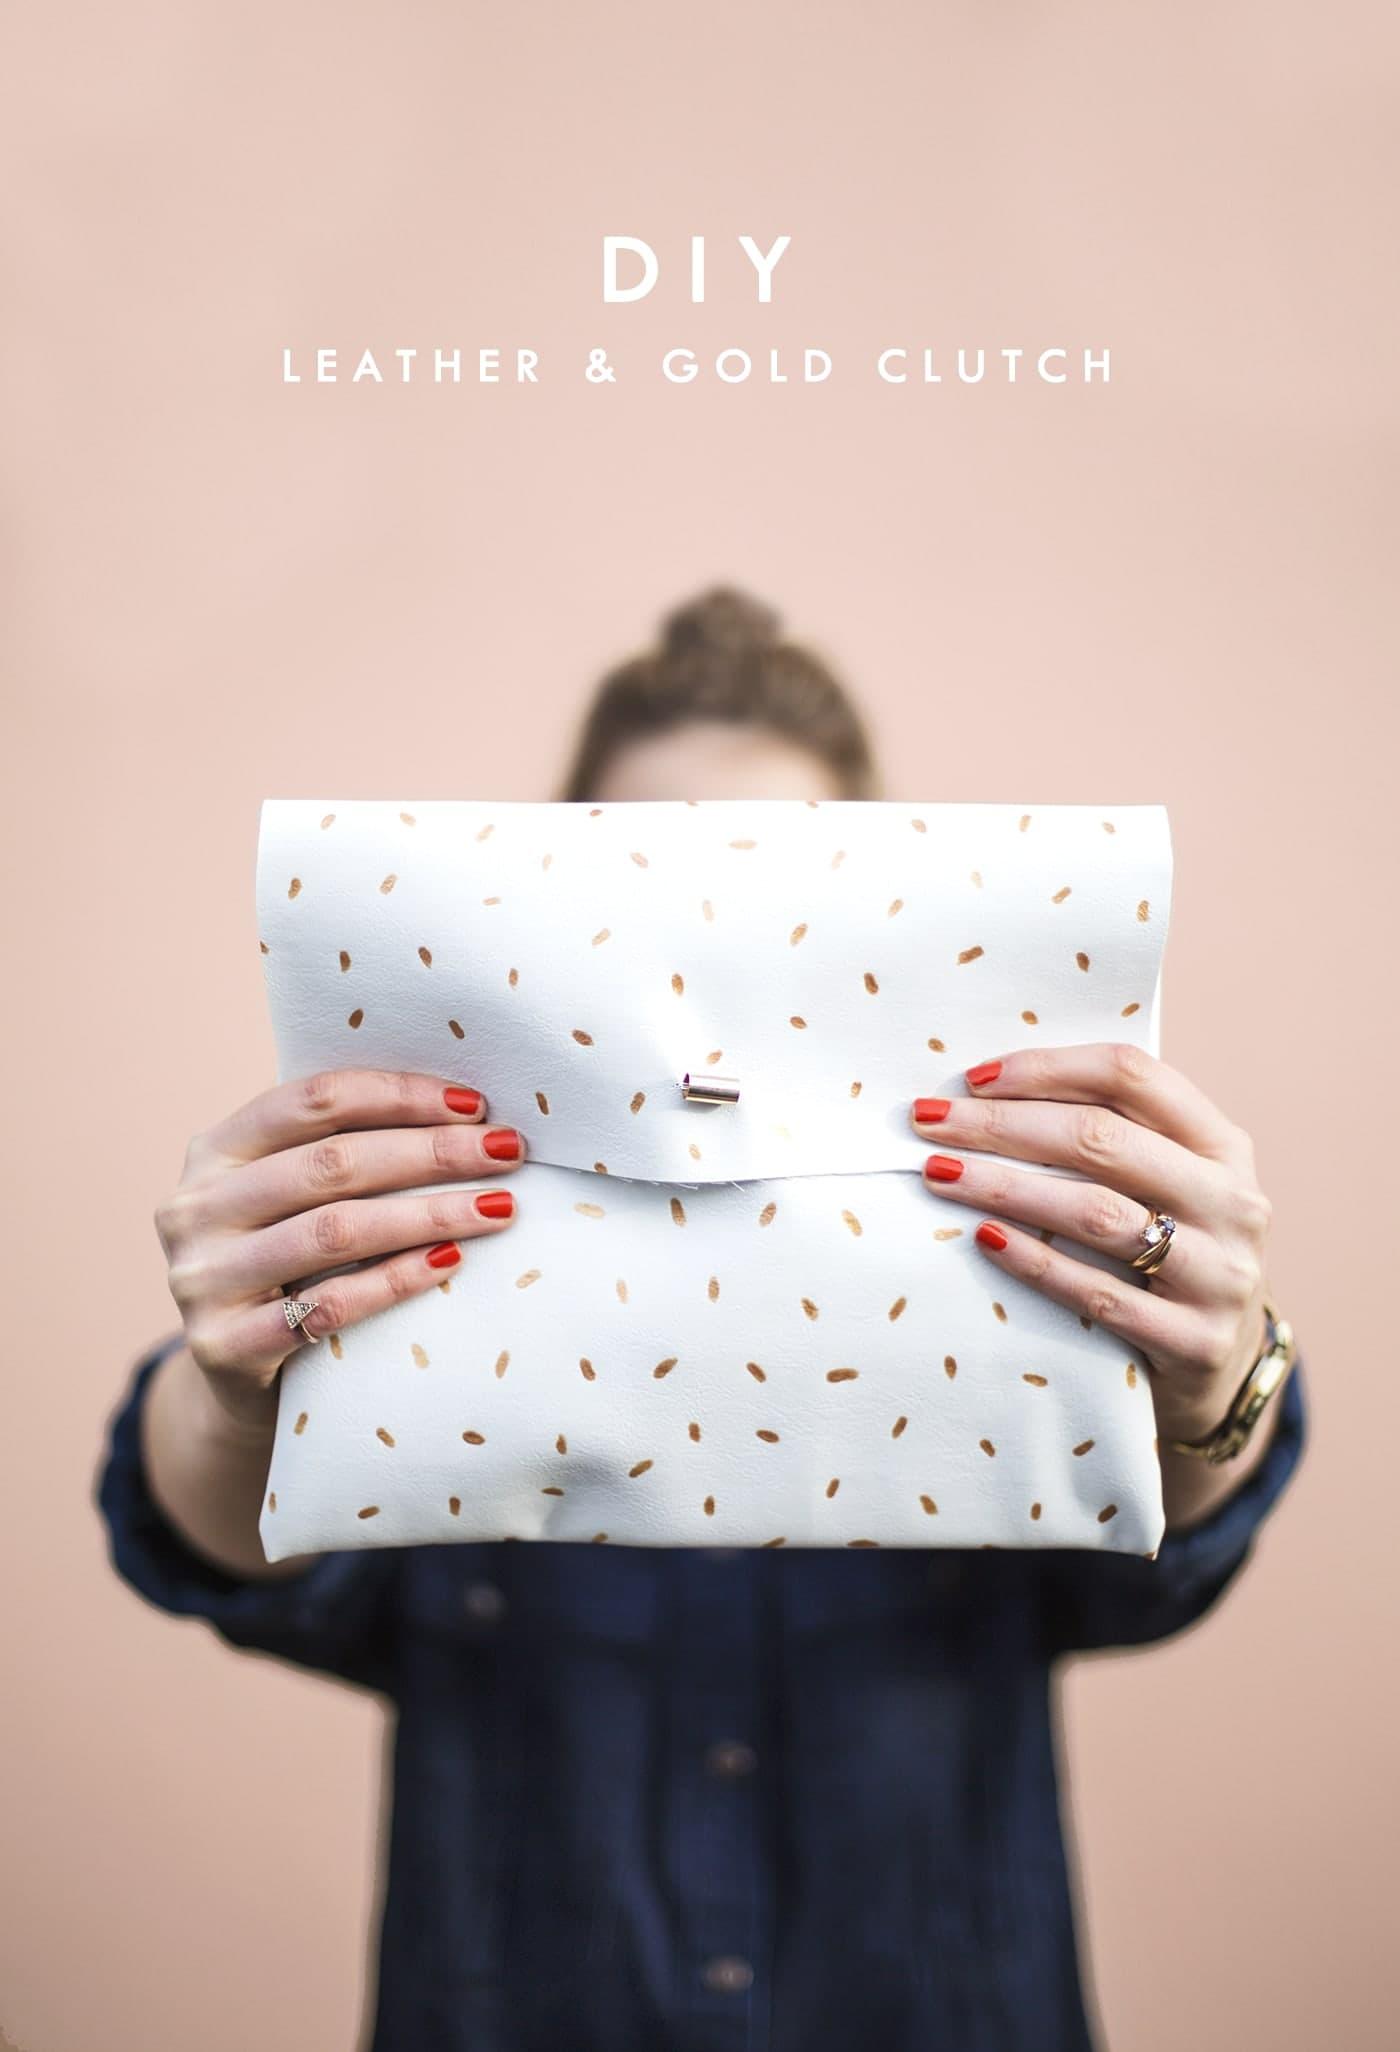 DIY metallic dotted clutch | easy fashion crafts